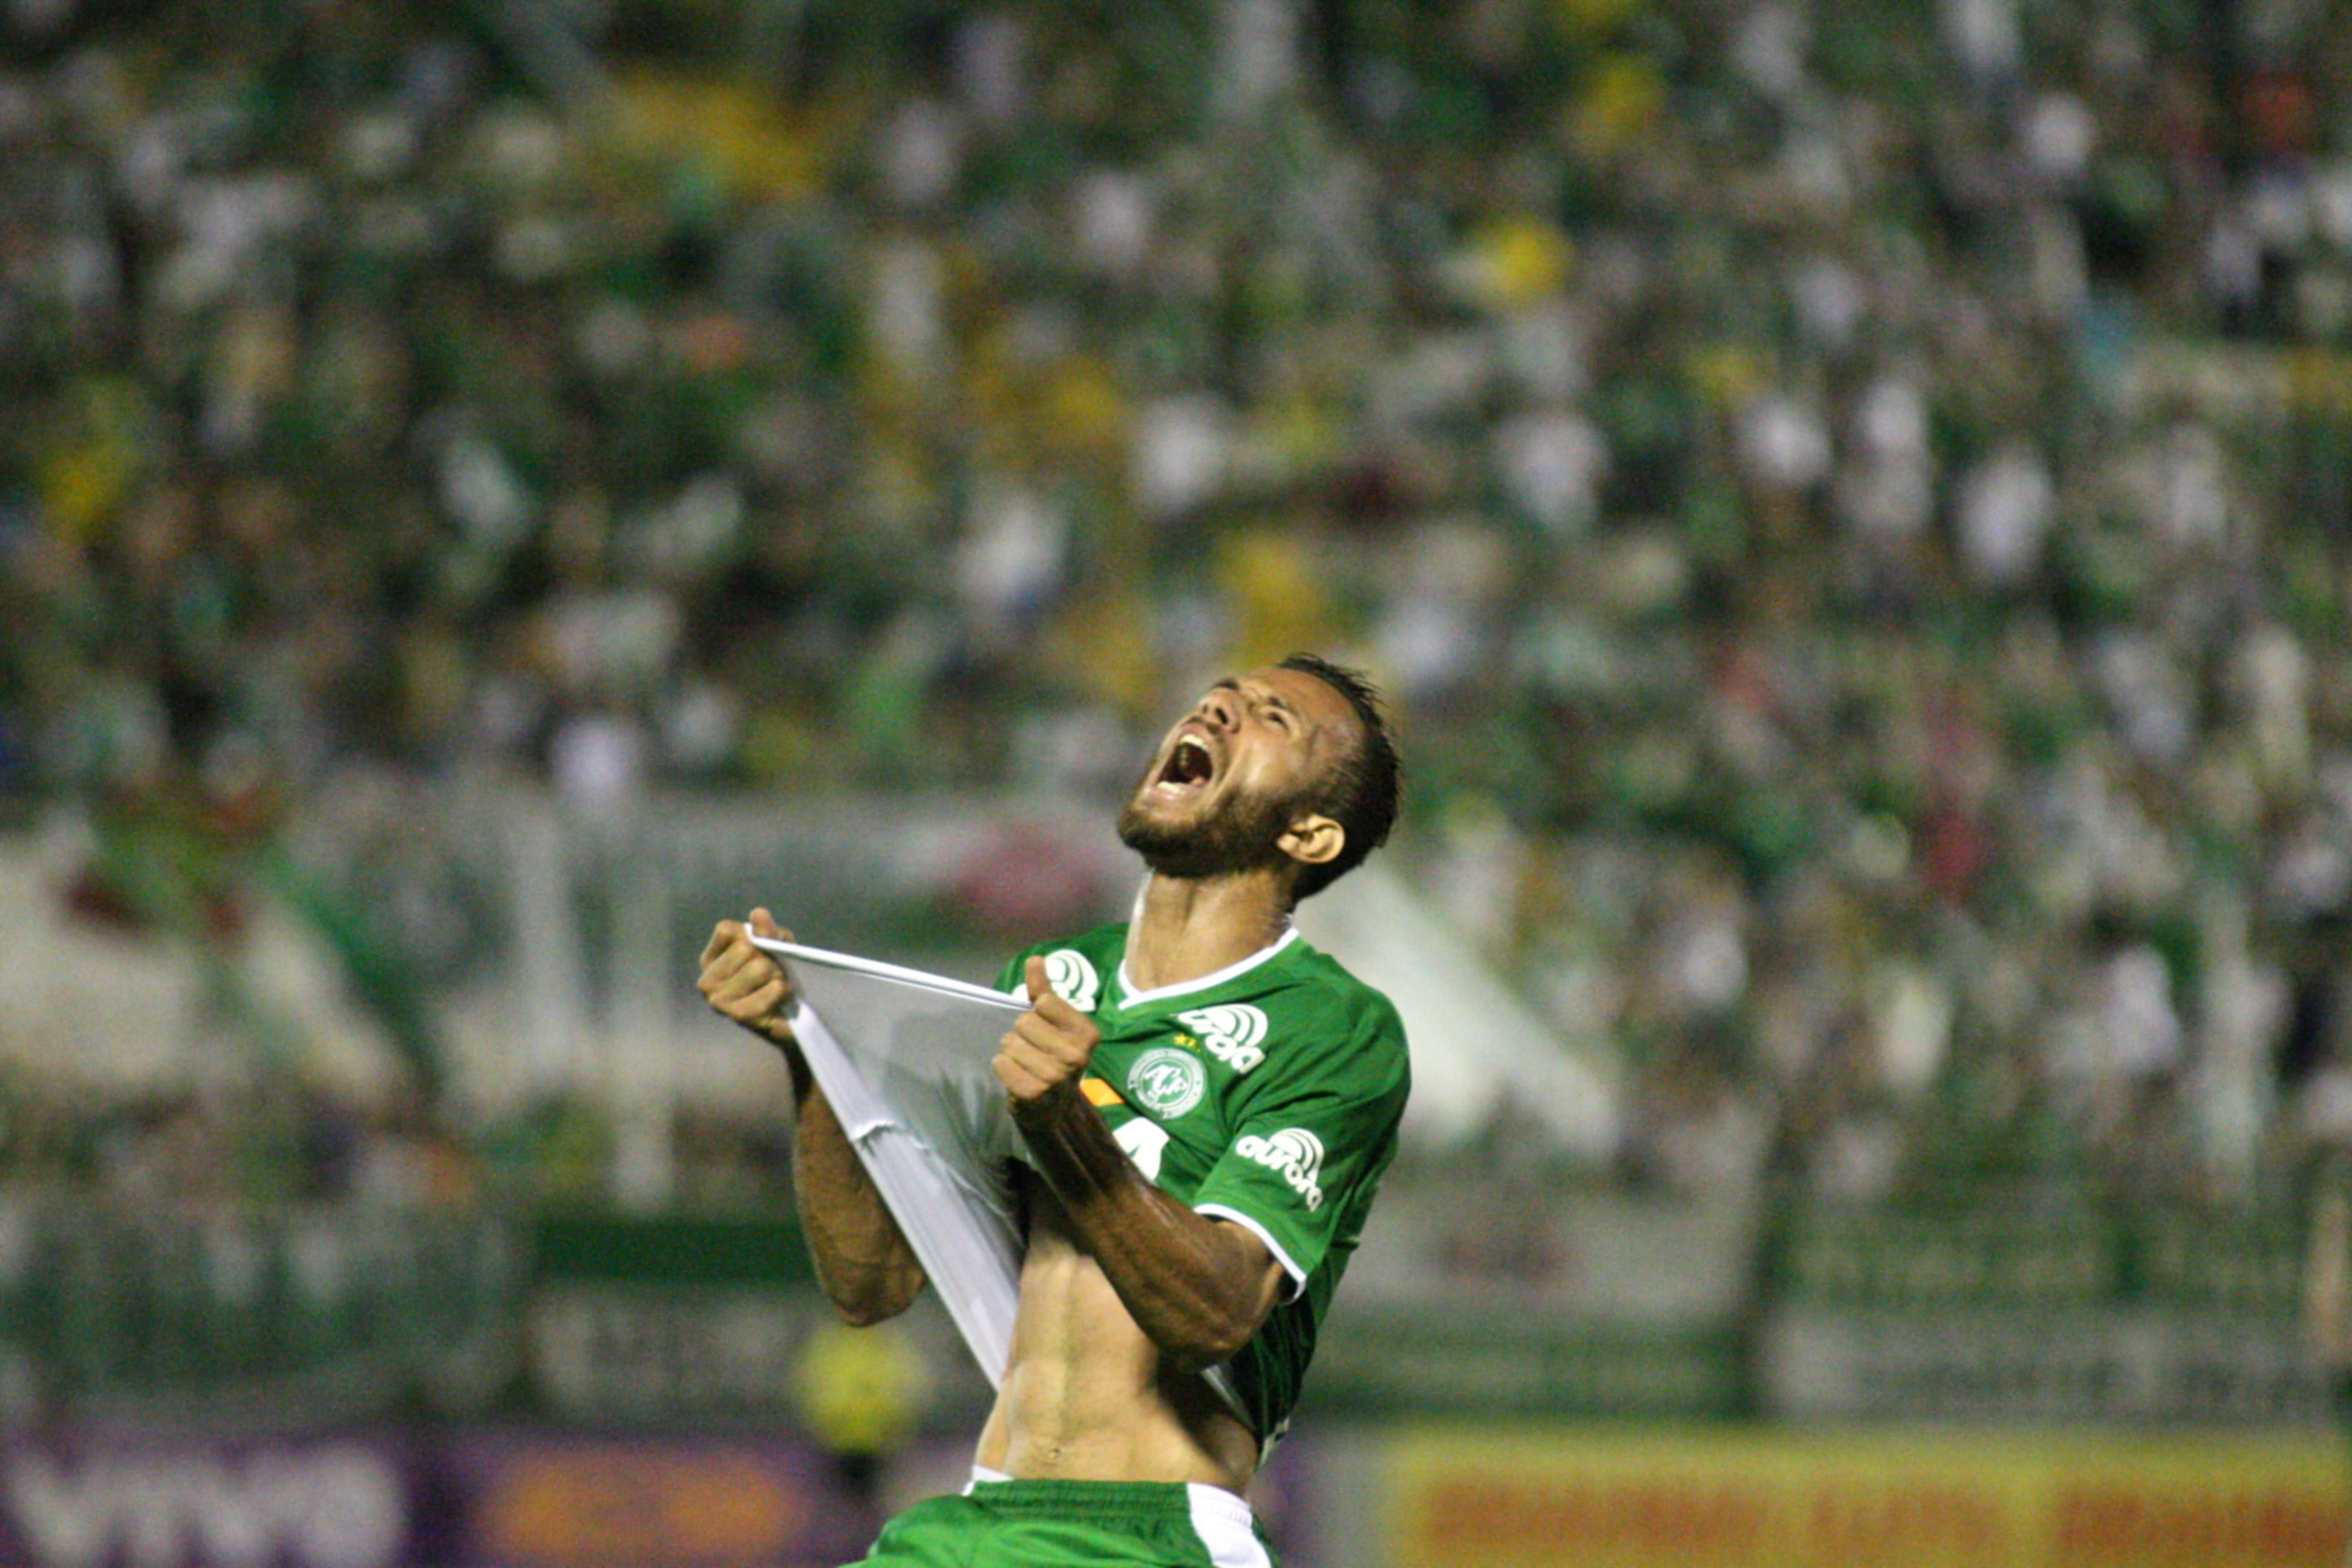 Artilheiro Leandro deixou mais uma vez sua marca pela Chapecoense no empate suado por 1 a 1 com o Santos Foto: Alan Pedro/Getty Images